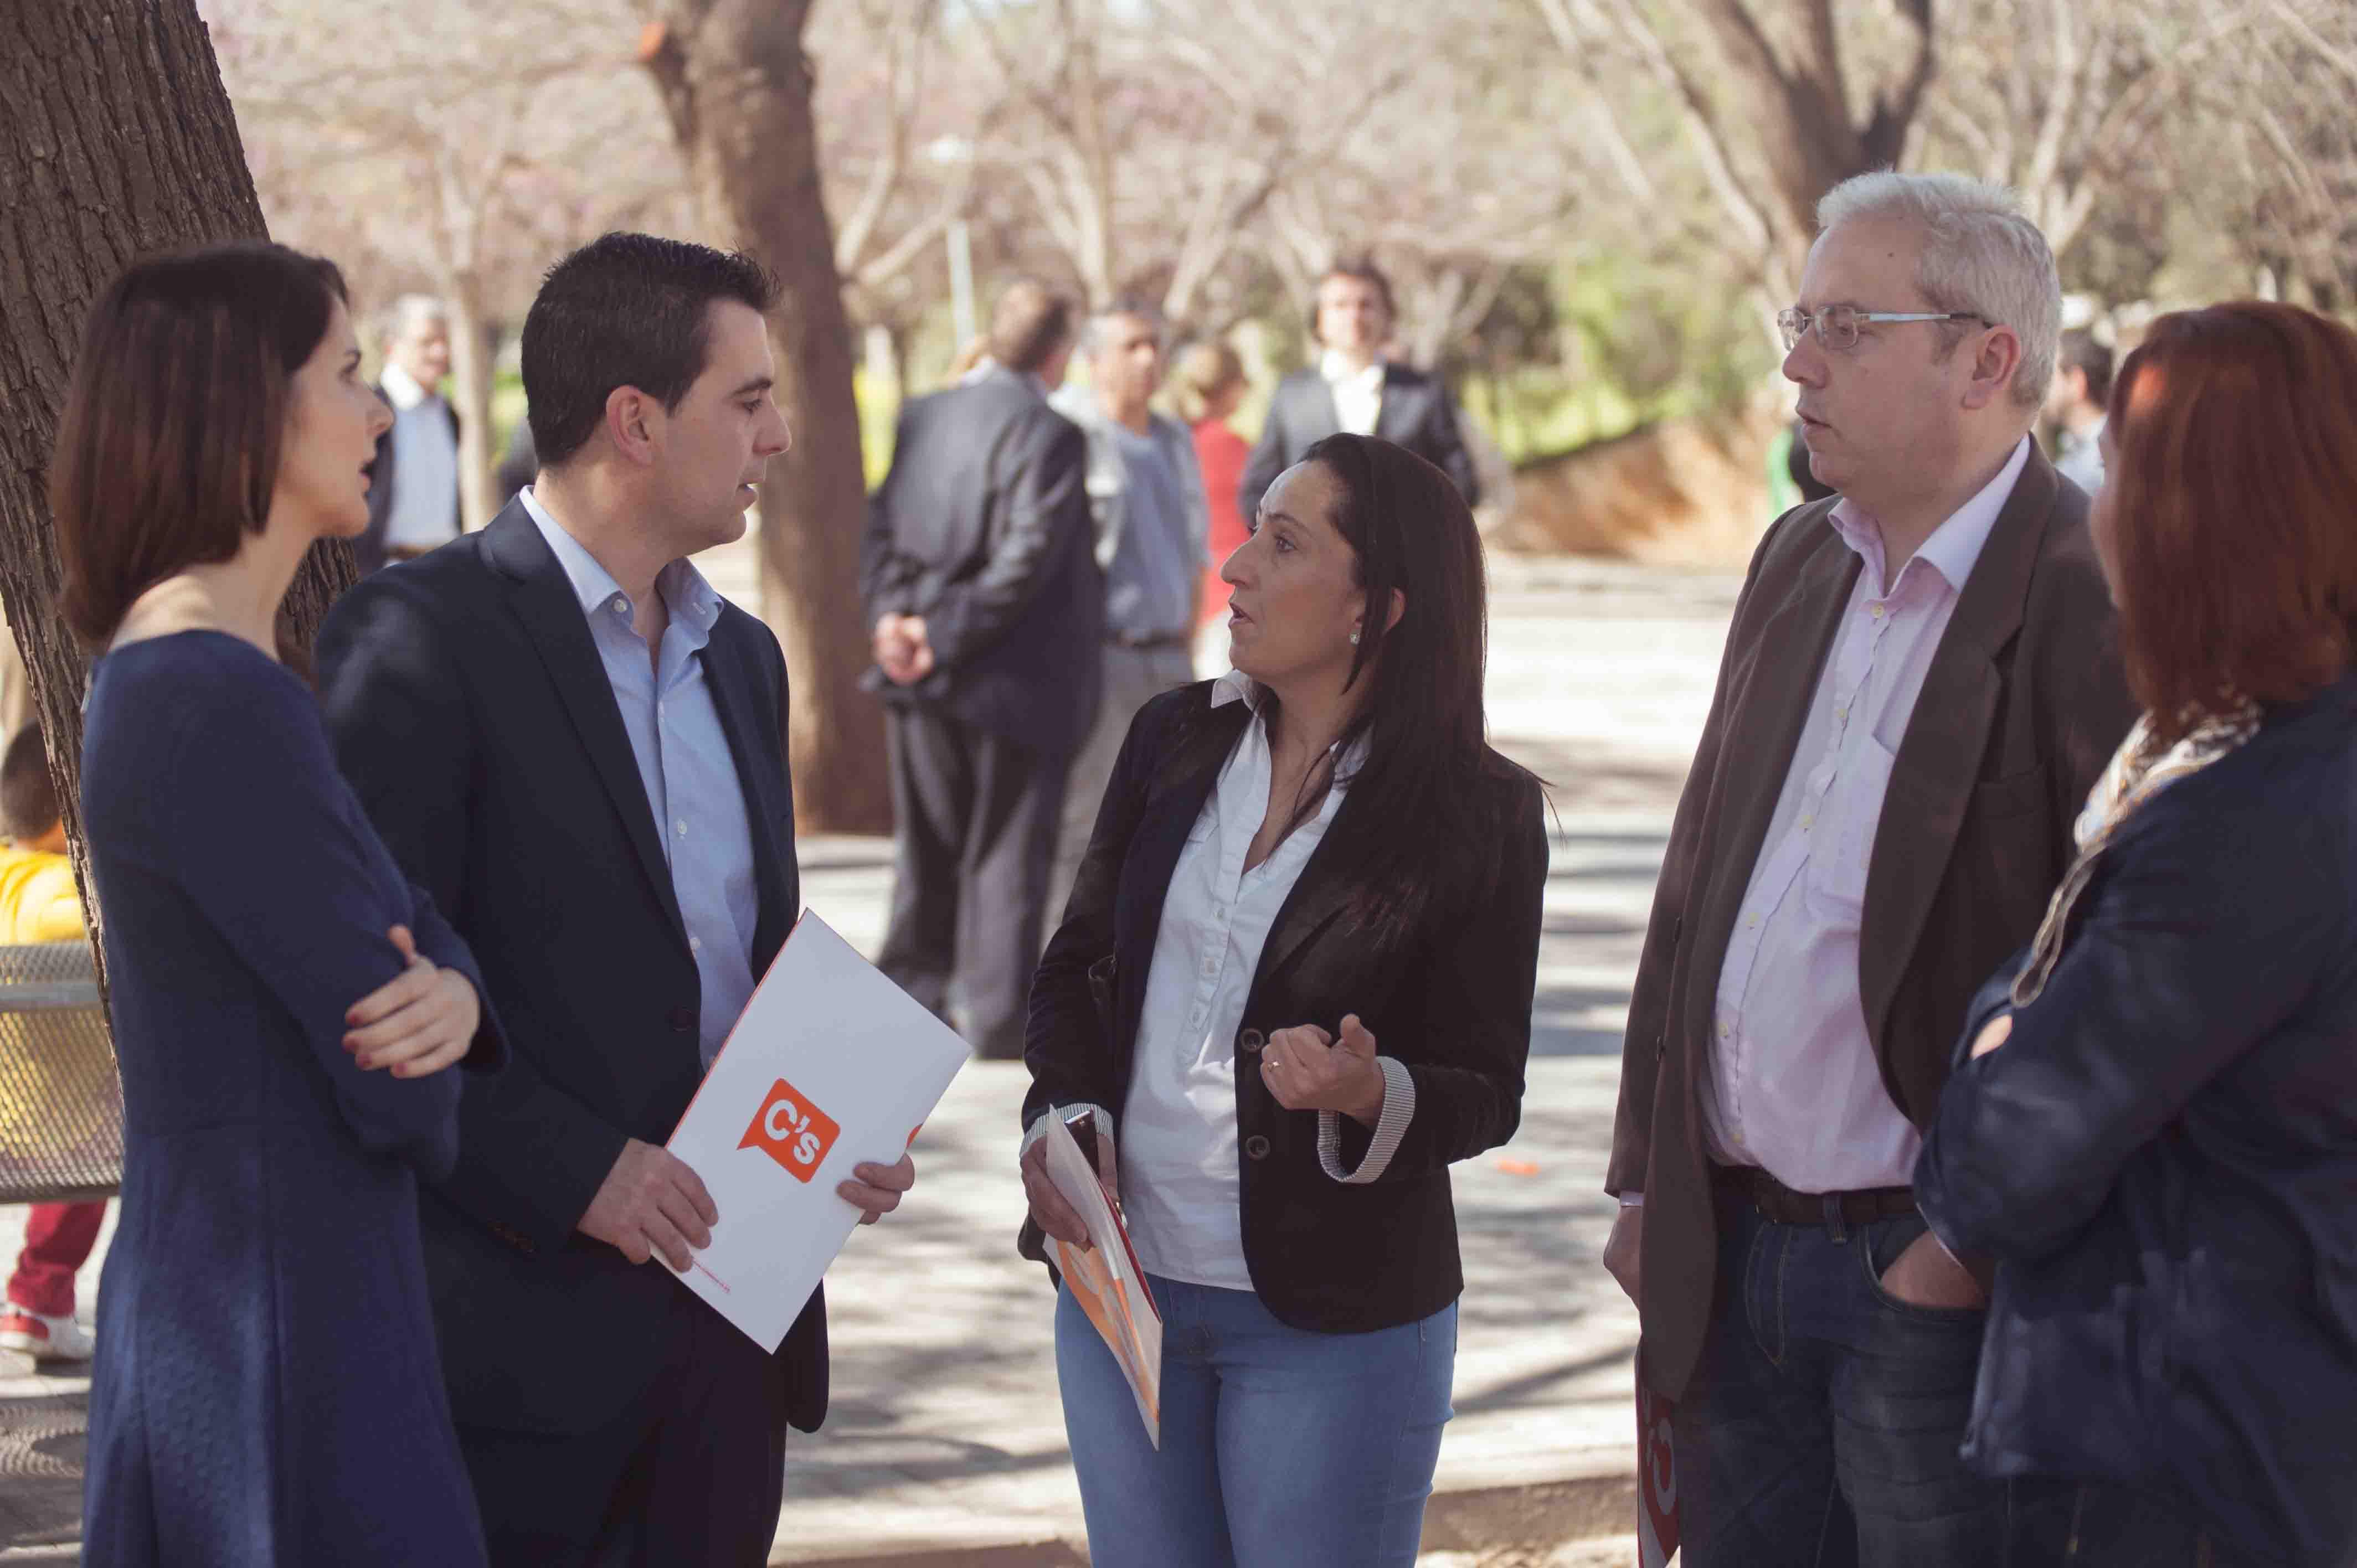 Ciudadanos Burjassot pide al Ayuntamiento información sobre los puestos de trabajo para verano